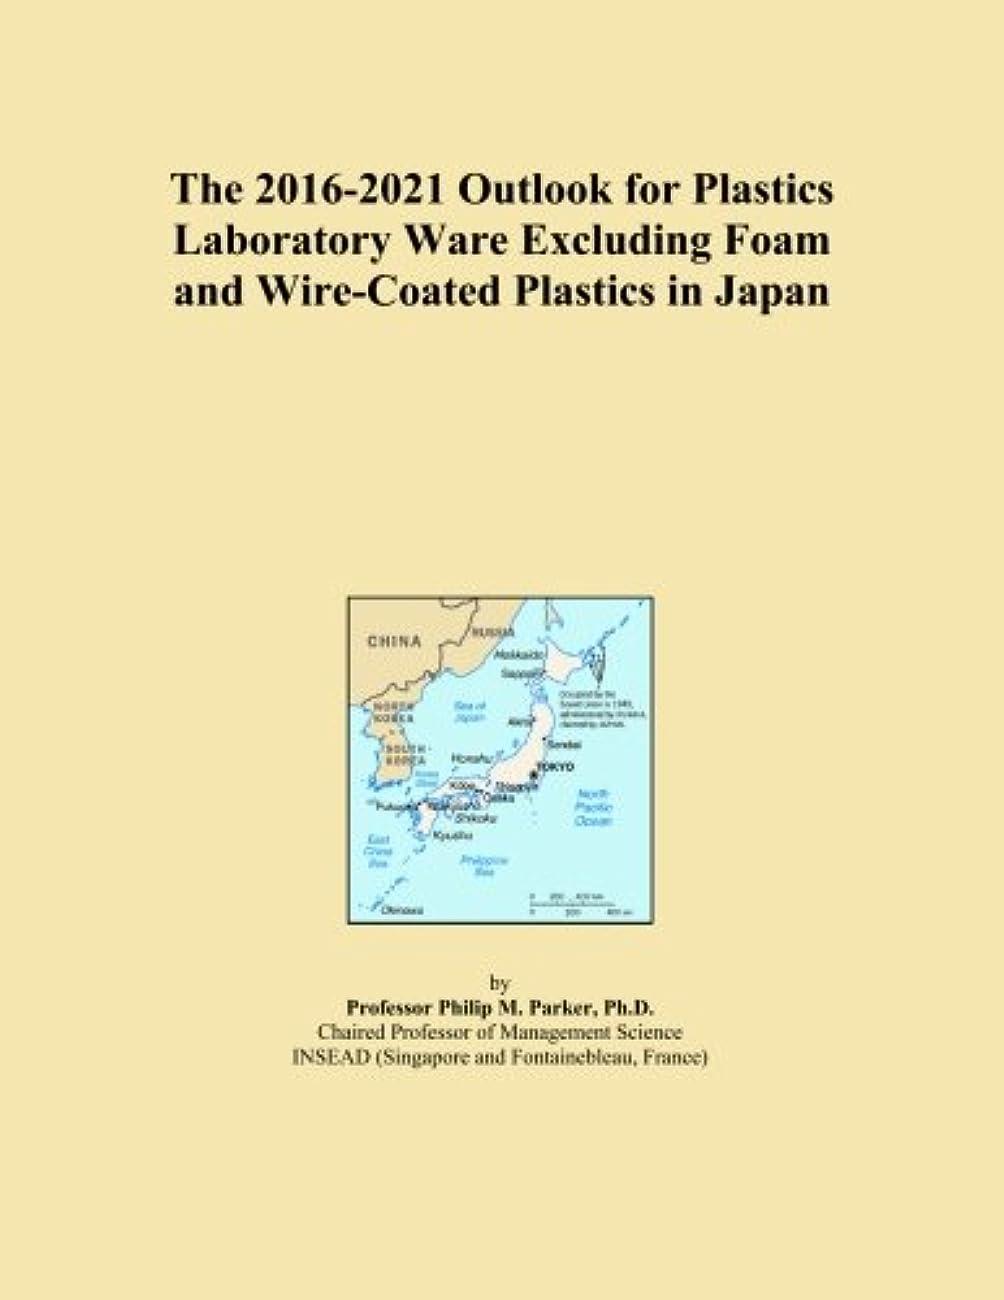 彼らサラミ教室The 2016-2021 Outlook for Plastics Laboratory Ware Excluding Foam and Wire-Coated Plastics in Japan